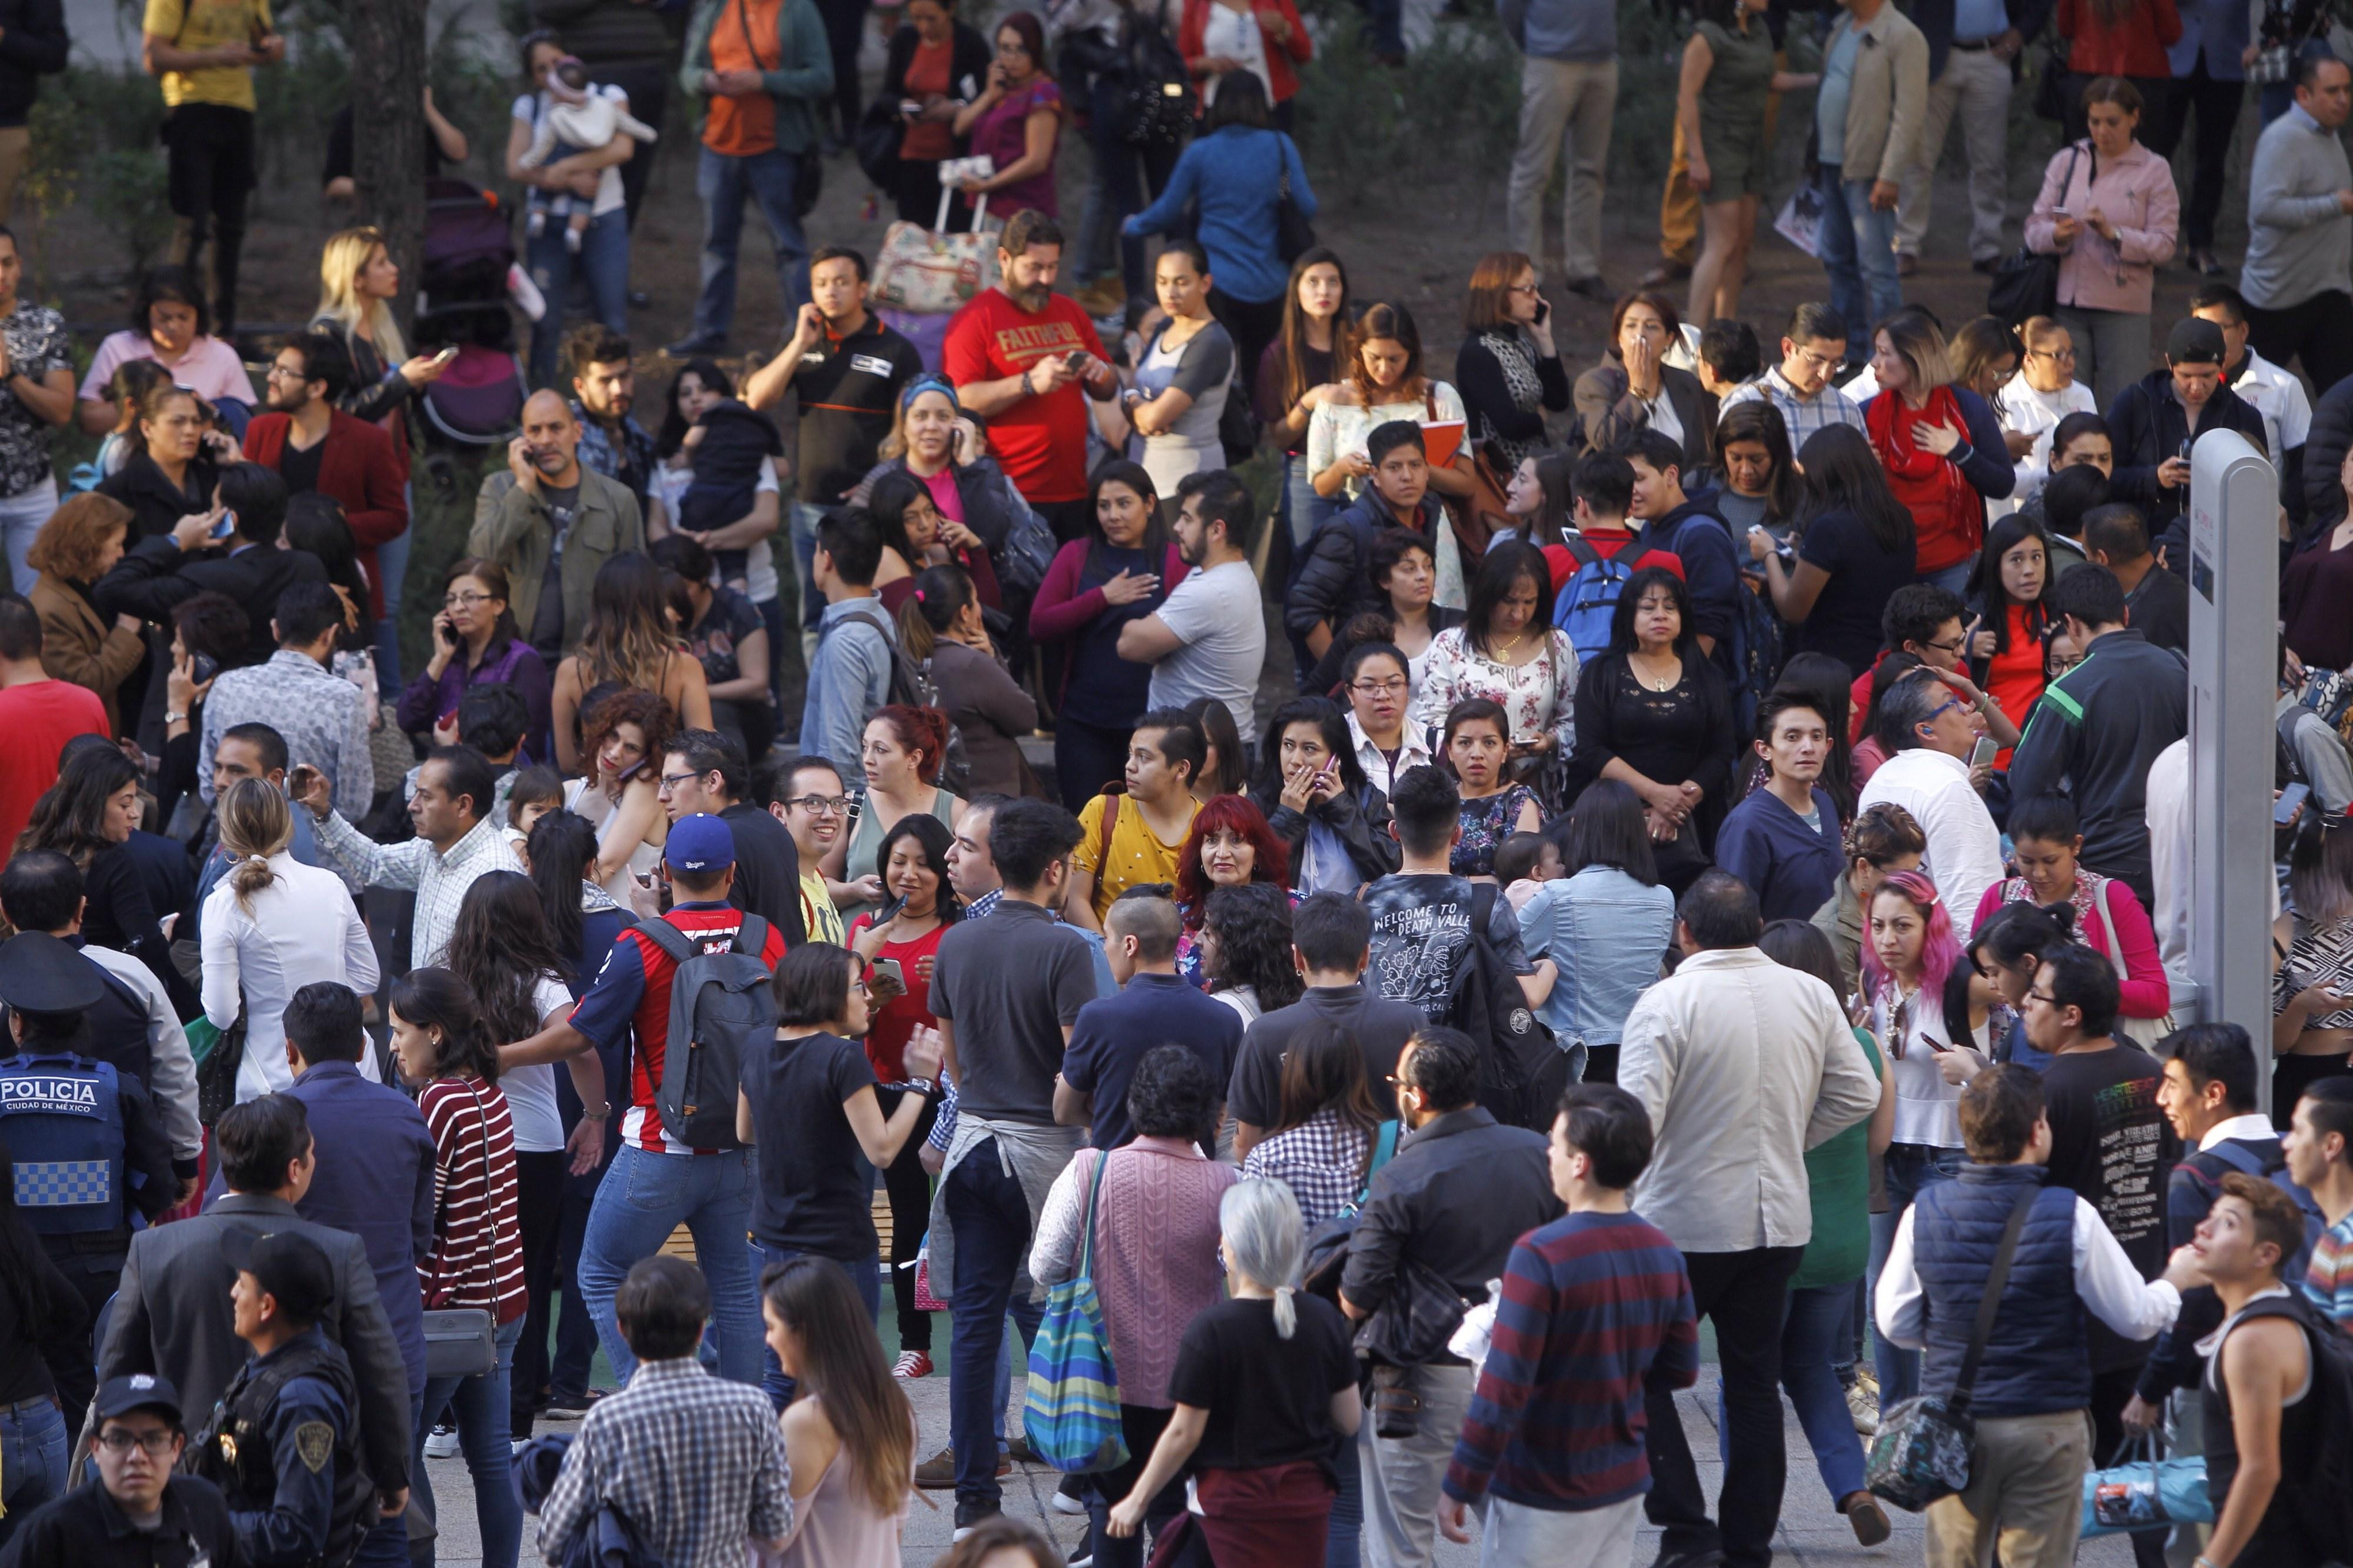 Autoridades mexicanas confirmam que sismo causou danos menores